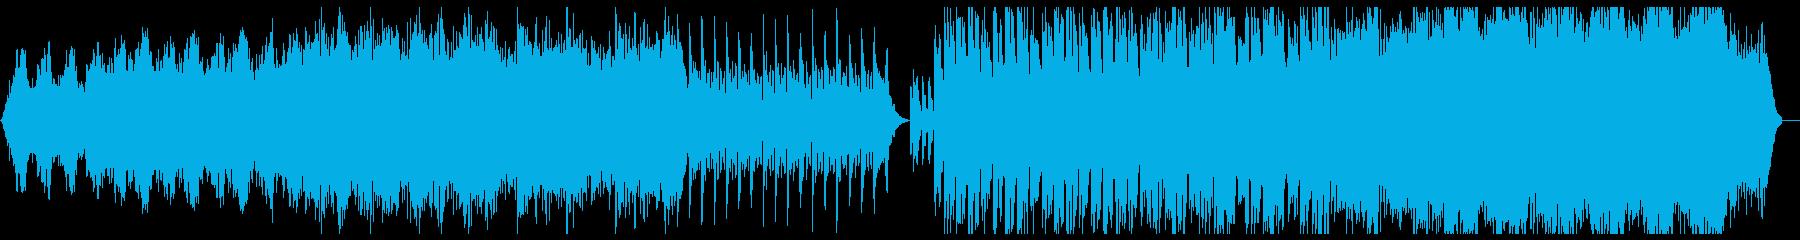 ジャパニーズホラー,サスペンス風切ないの再生済みの波形